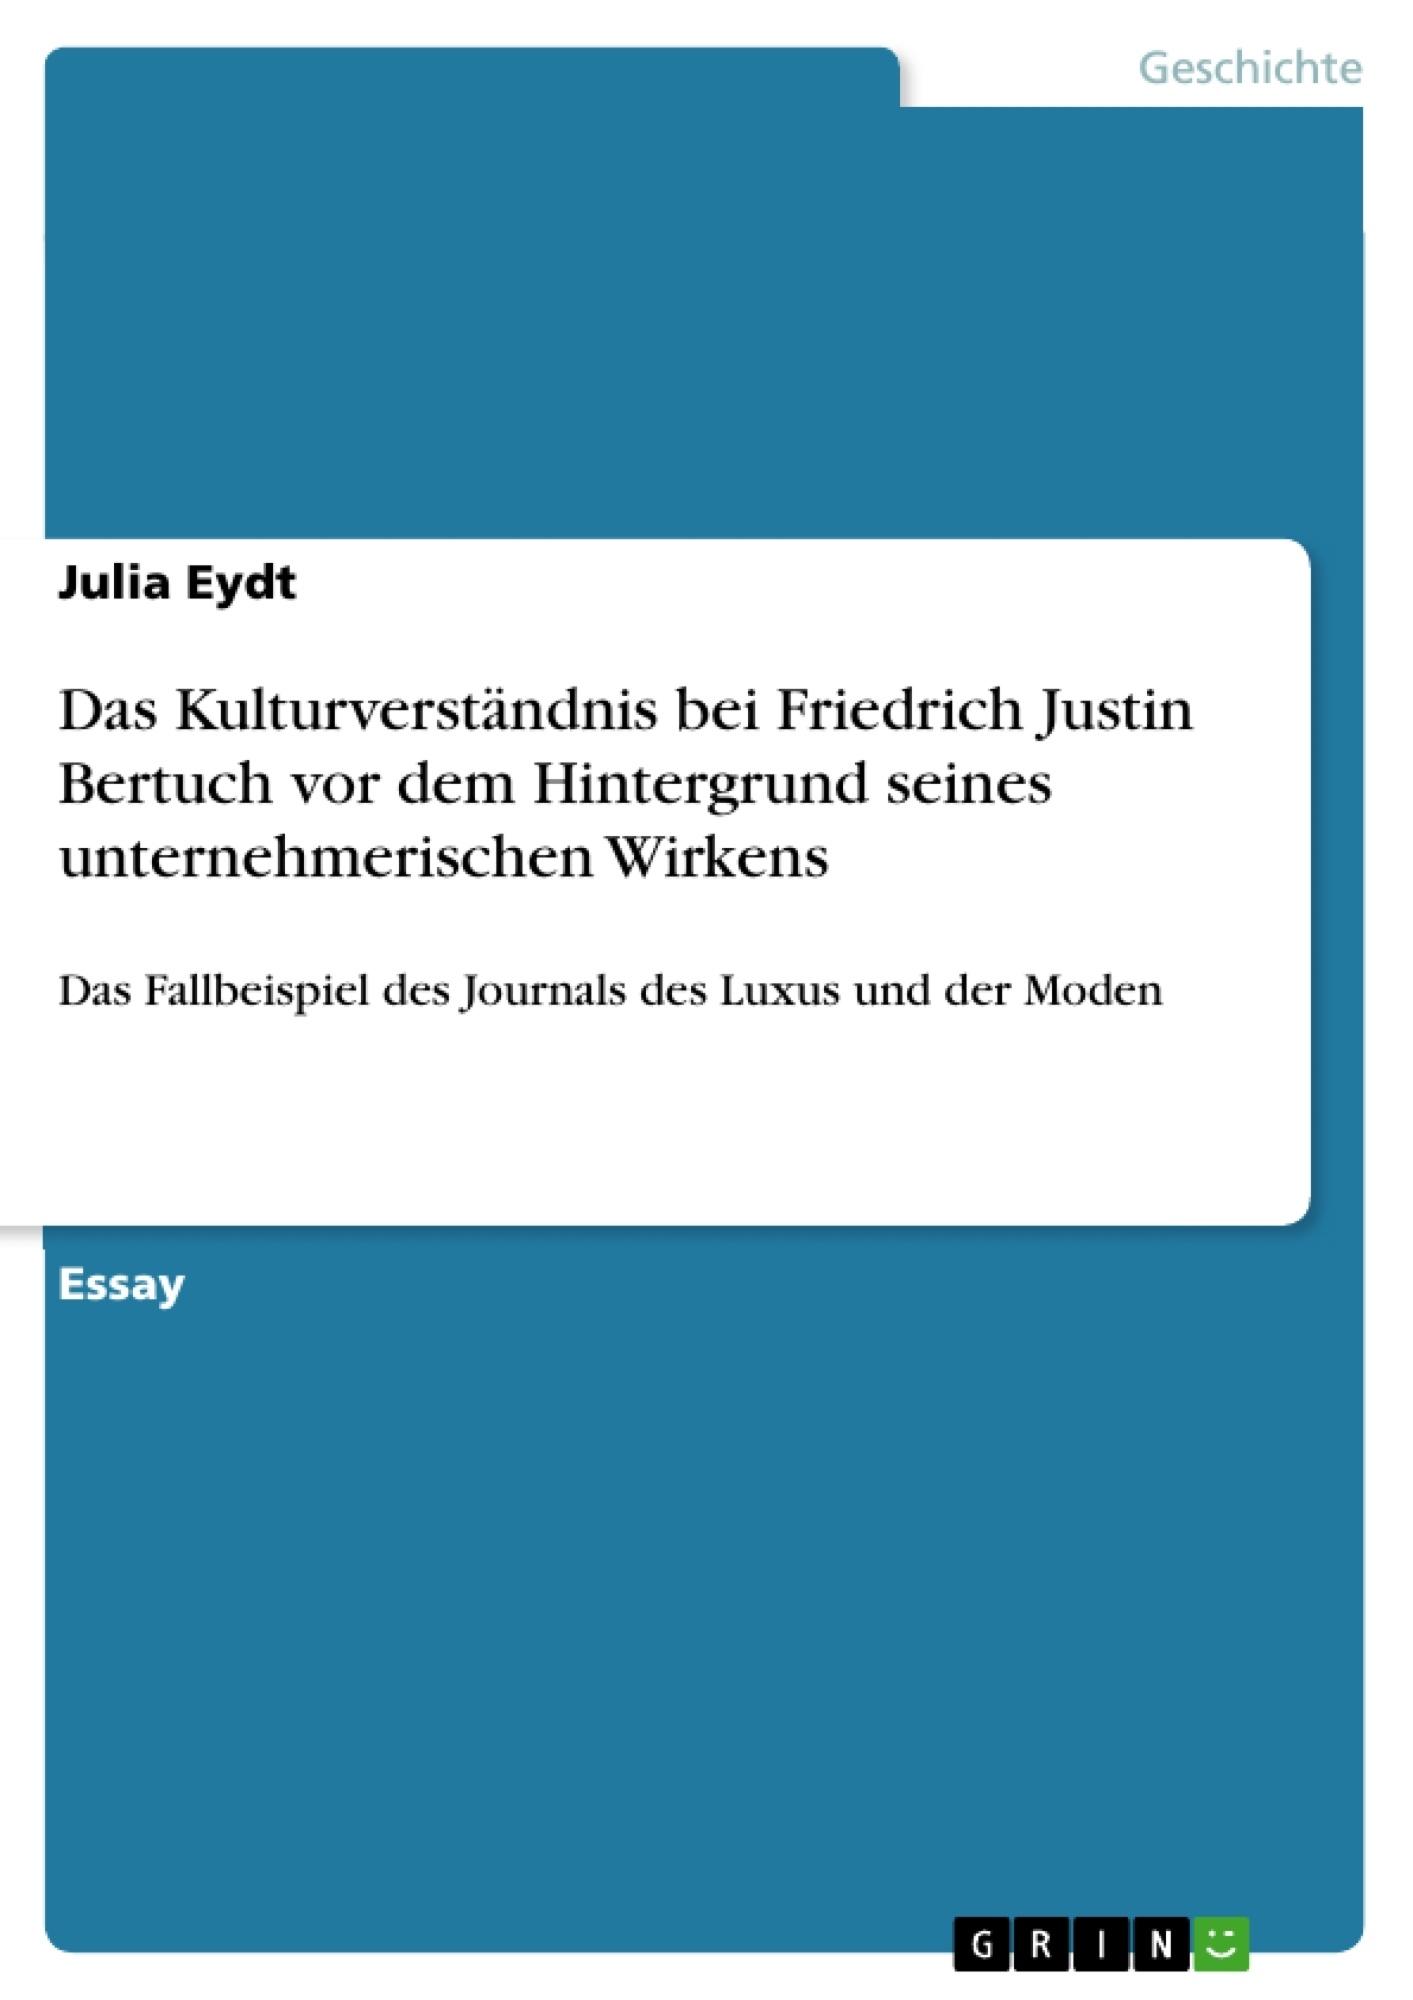 Titel: Das Kulturverständnis bei Friedrich Justin Bertuch vor dem Hintergrund seines unternehmerischen Wirkens